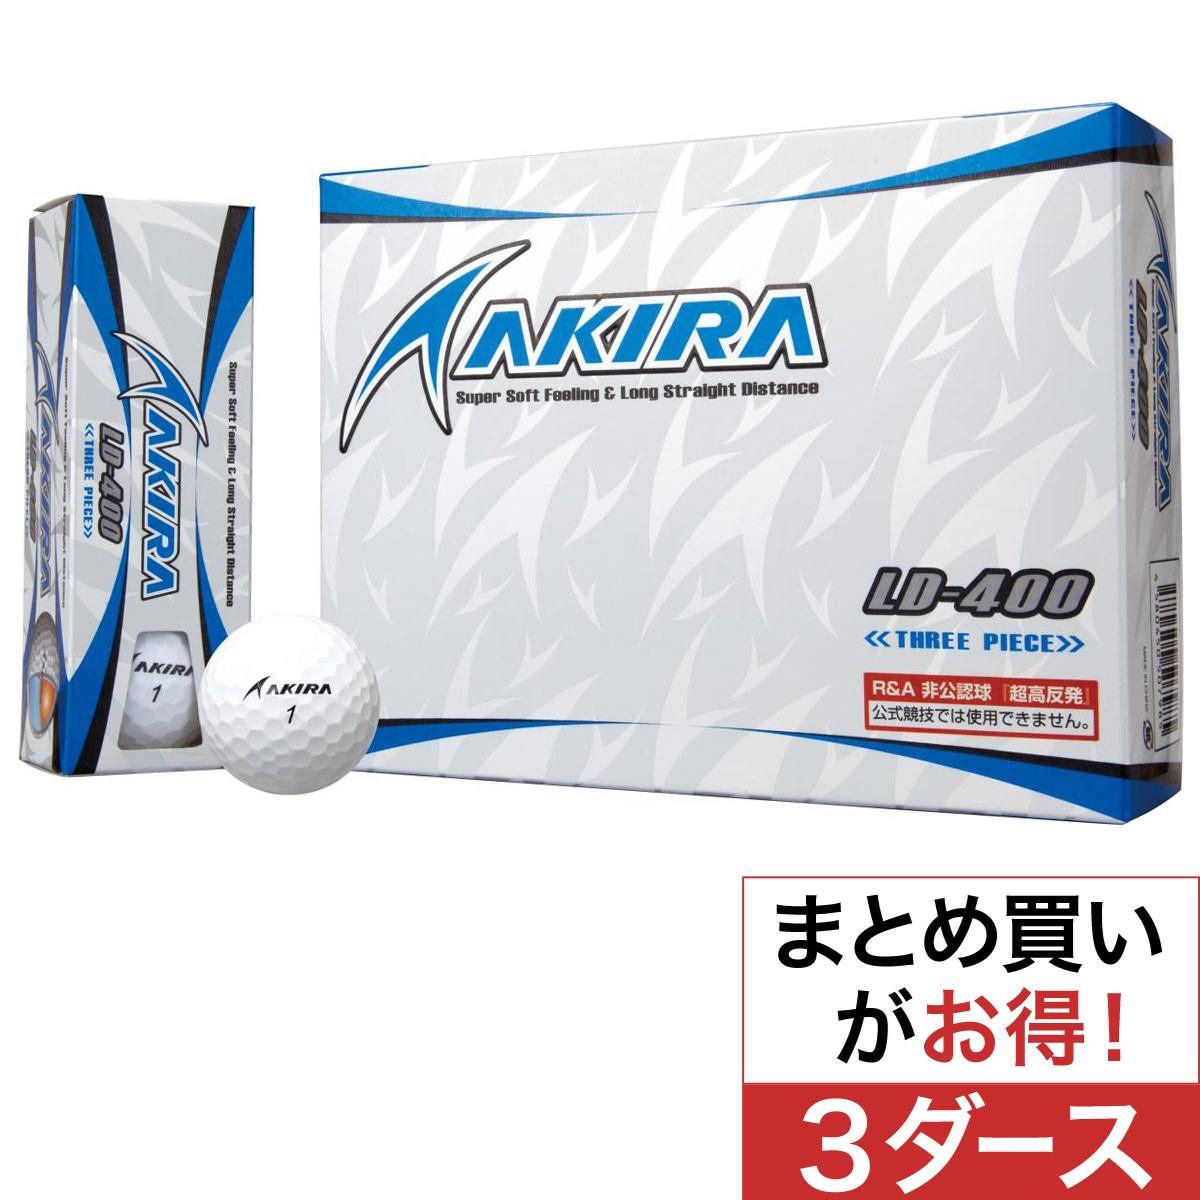 アキラプロダクツ AKIRA LD-400 ボール 超高反発モデル 3ダースセット【非公認球】